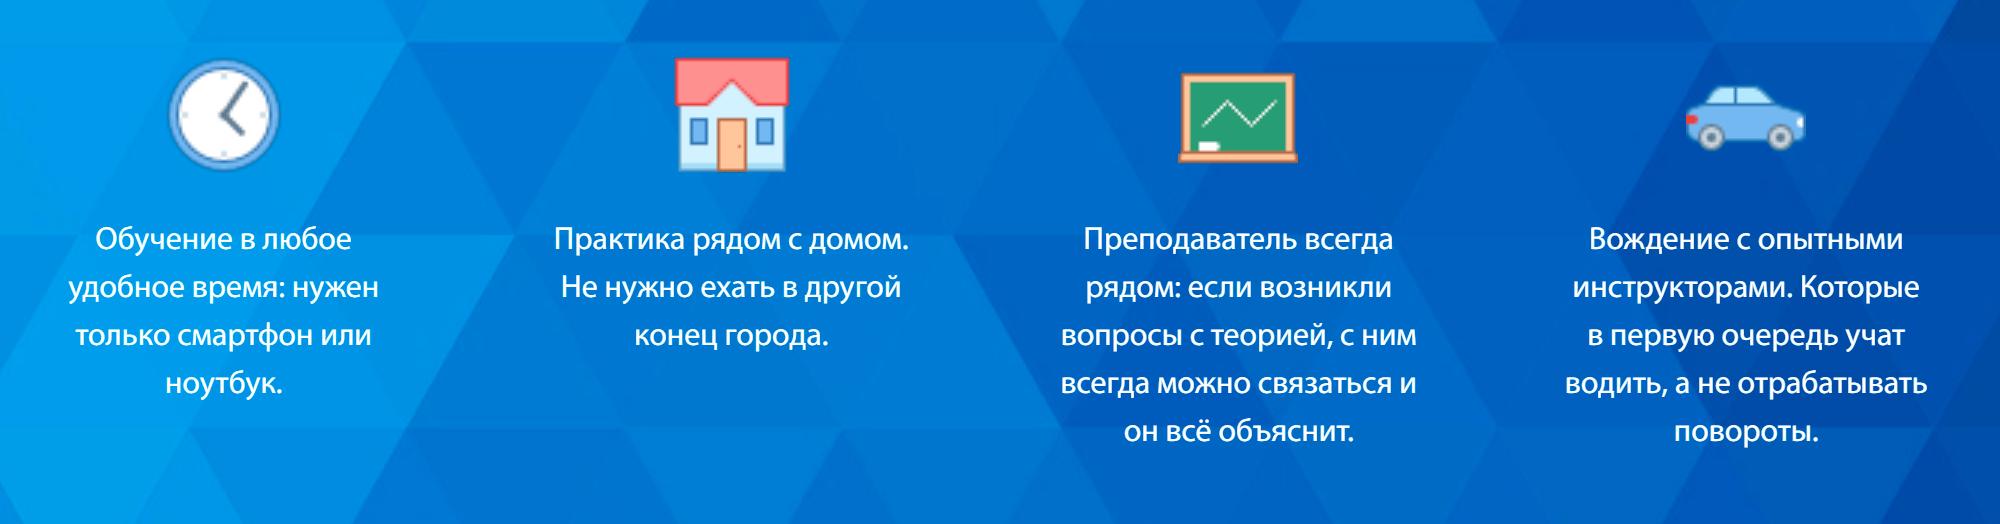 Описание онлайн-обучения на сайте автошколы